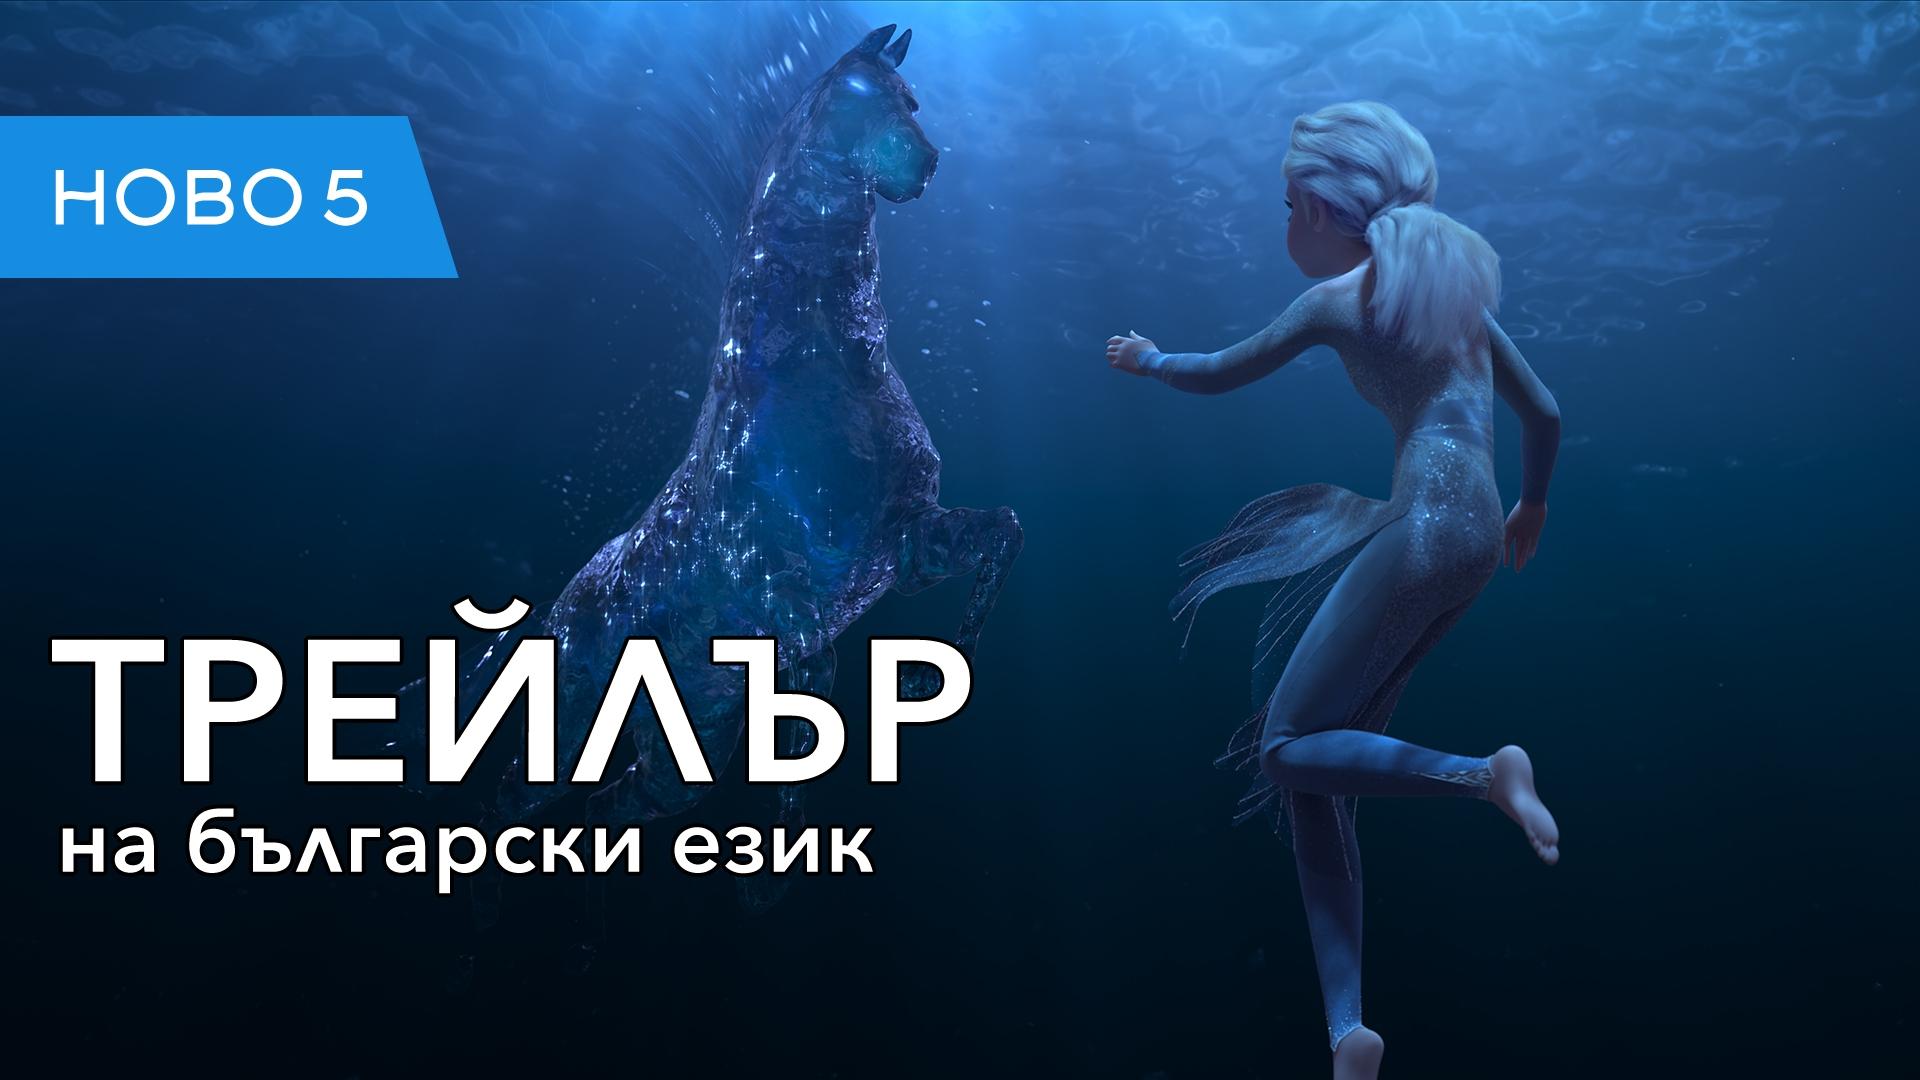 Замръзналото кралство 2 (2019) втори трейлър на български език